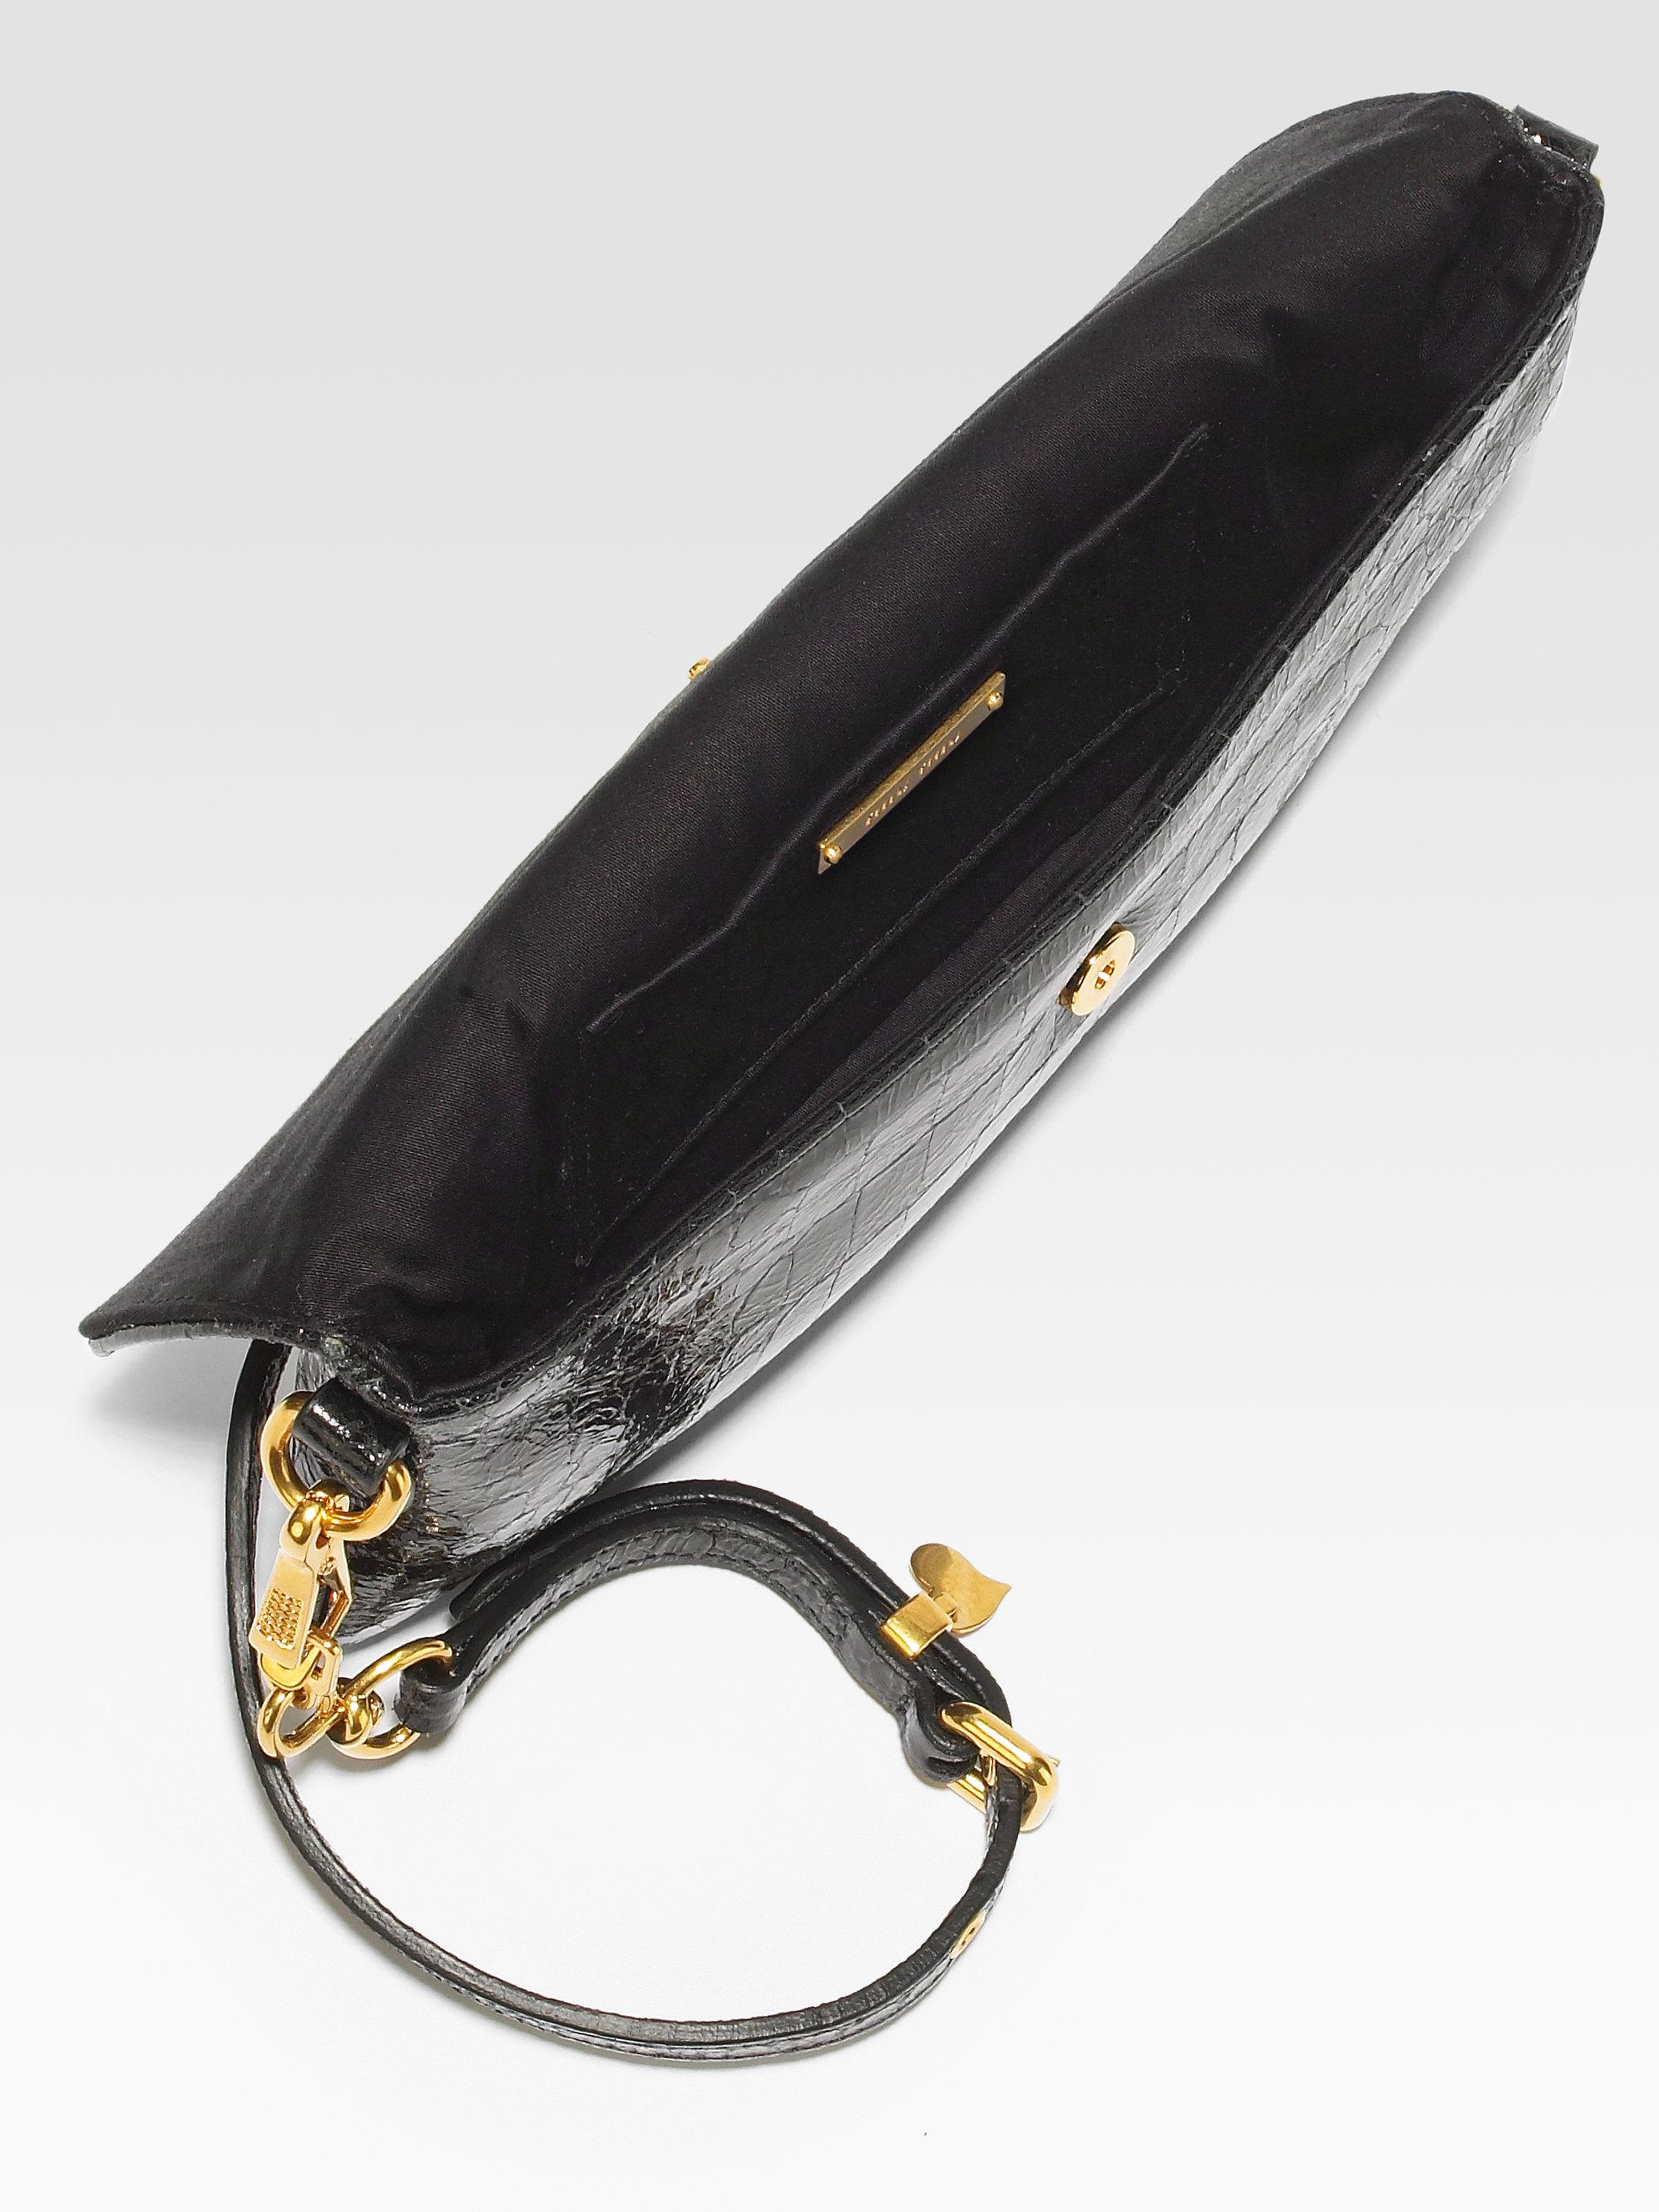 Miu miu St Cocco Crocprint Patent Leather Convertible Clutch in ...